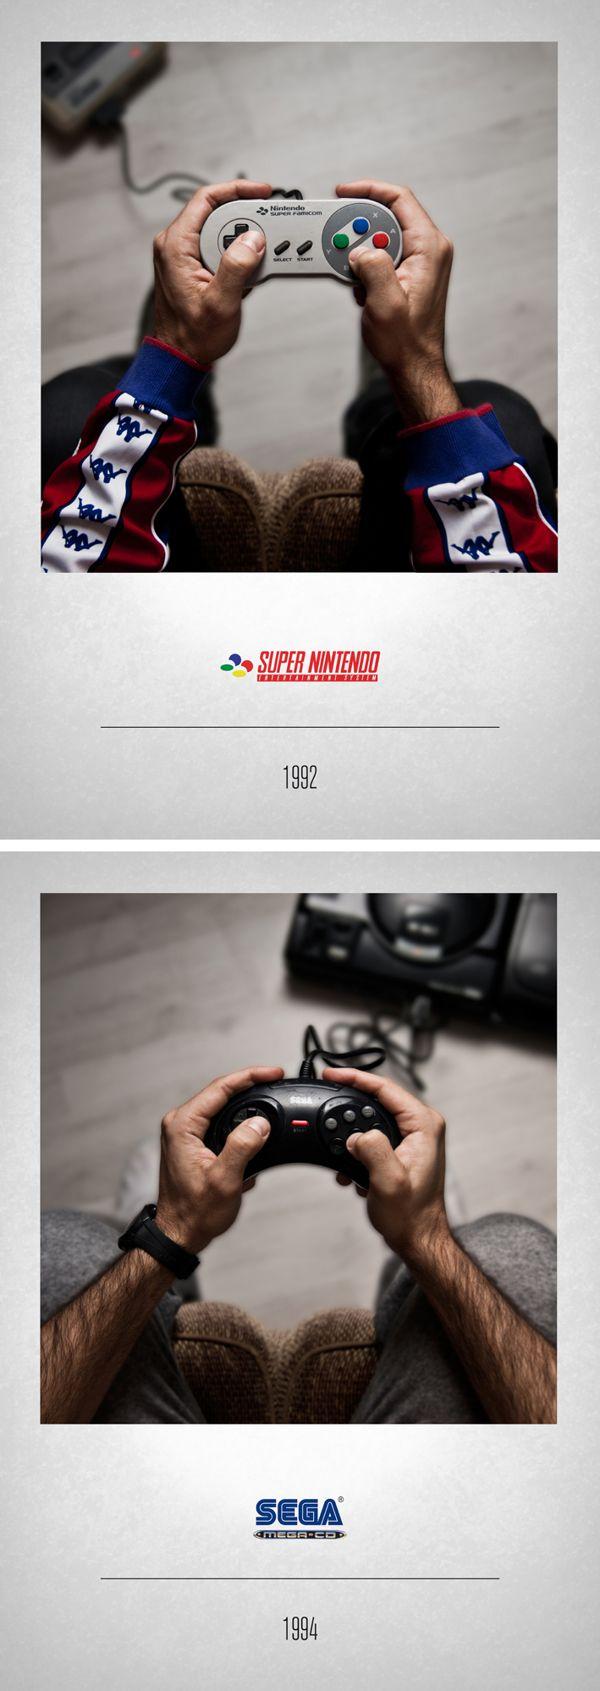 """Voici """"Controllers"""" une série de photos représentant l'histoire de nos manettes,jolie travaille de Javier Laspiur,dommage qu'il se soit trompé dans les dates."""